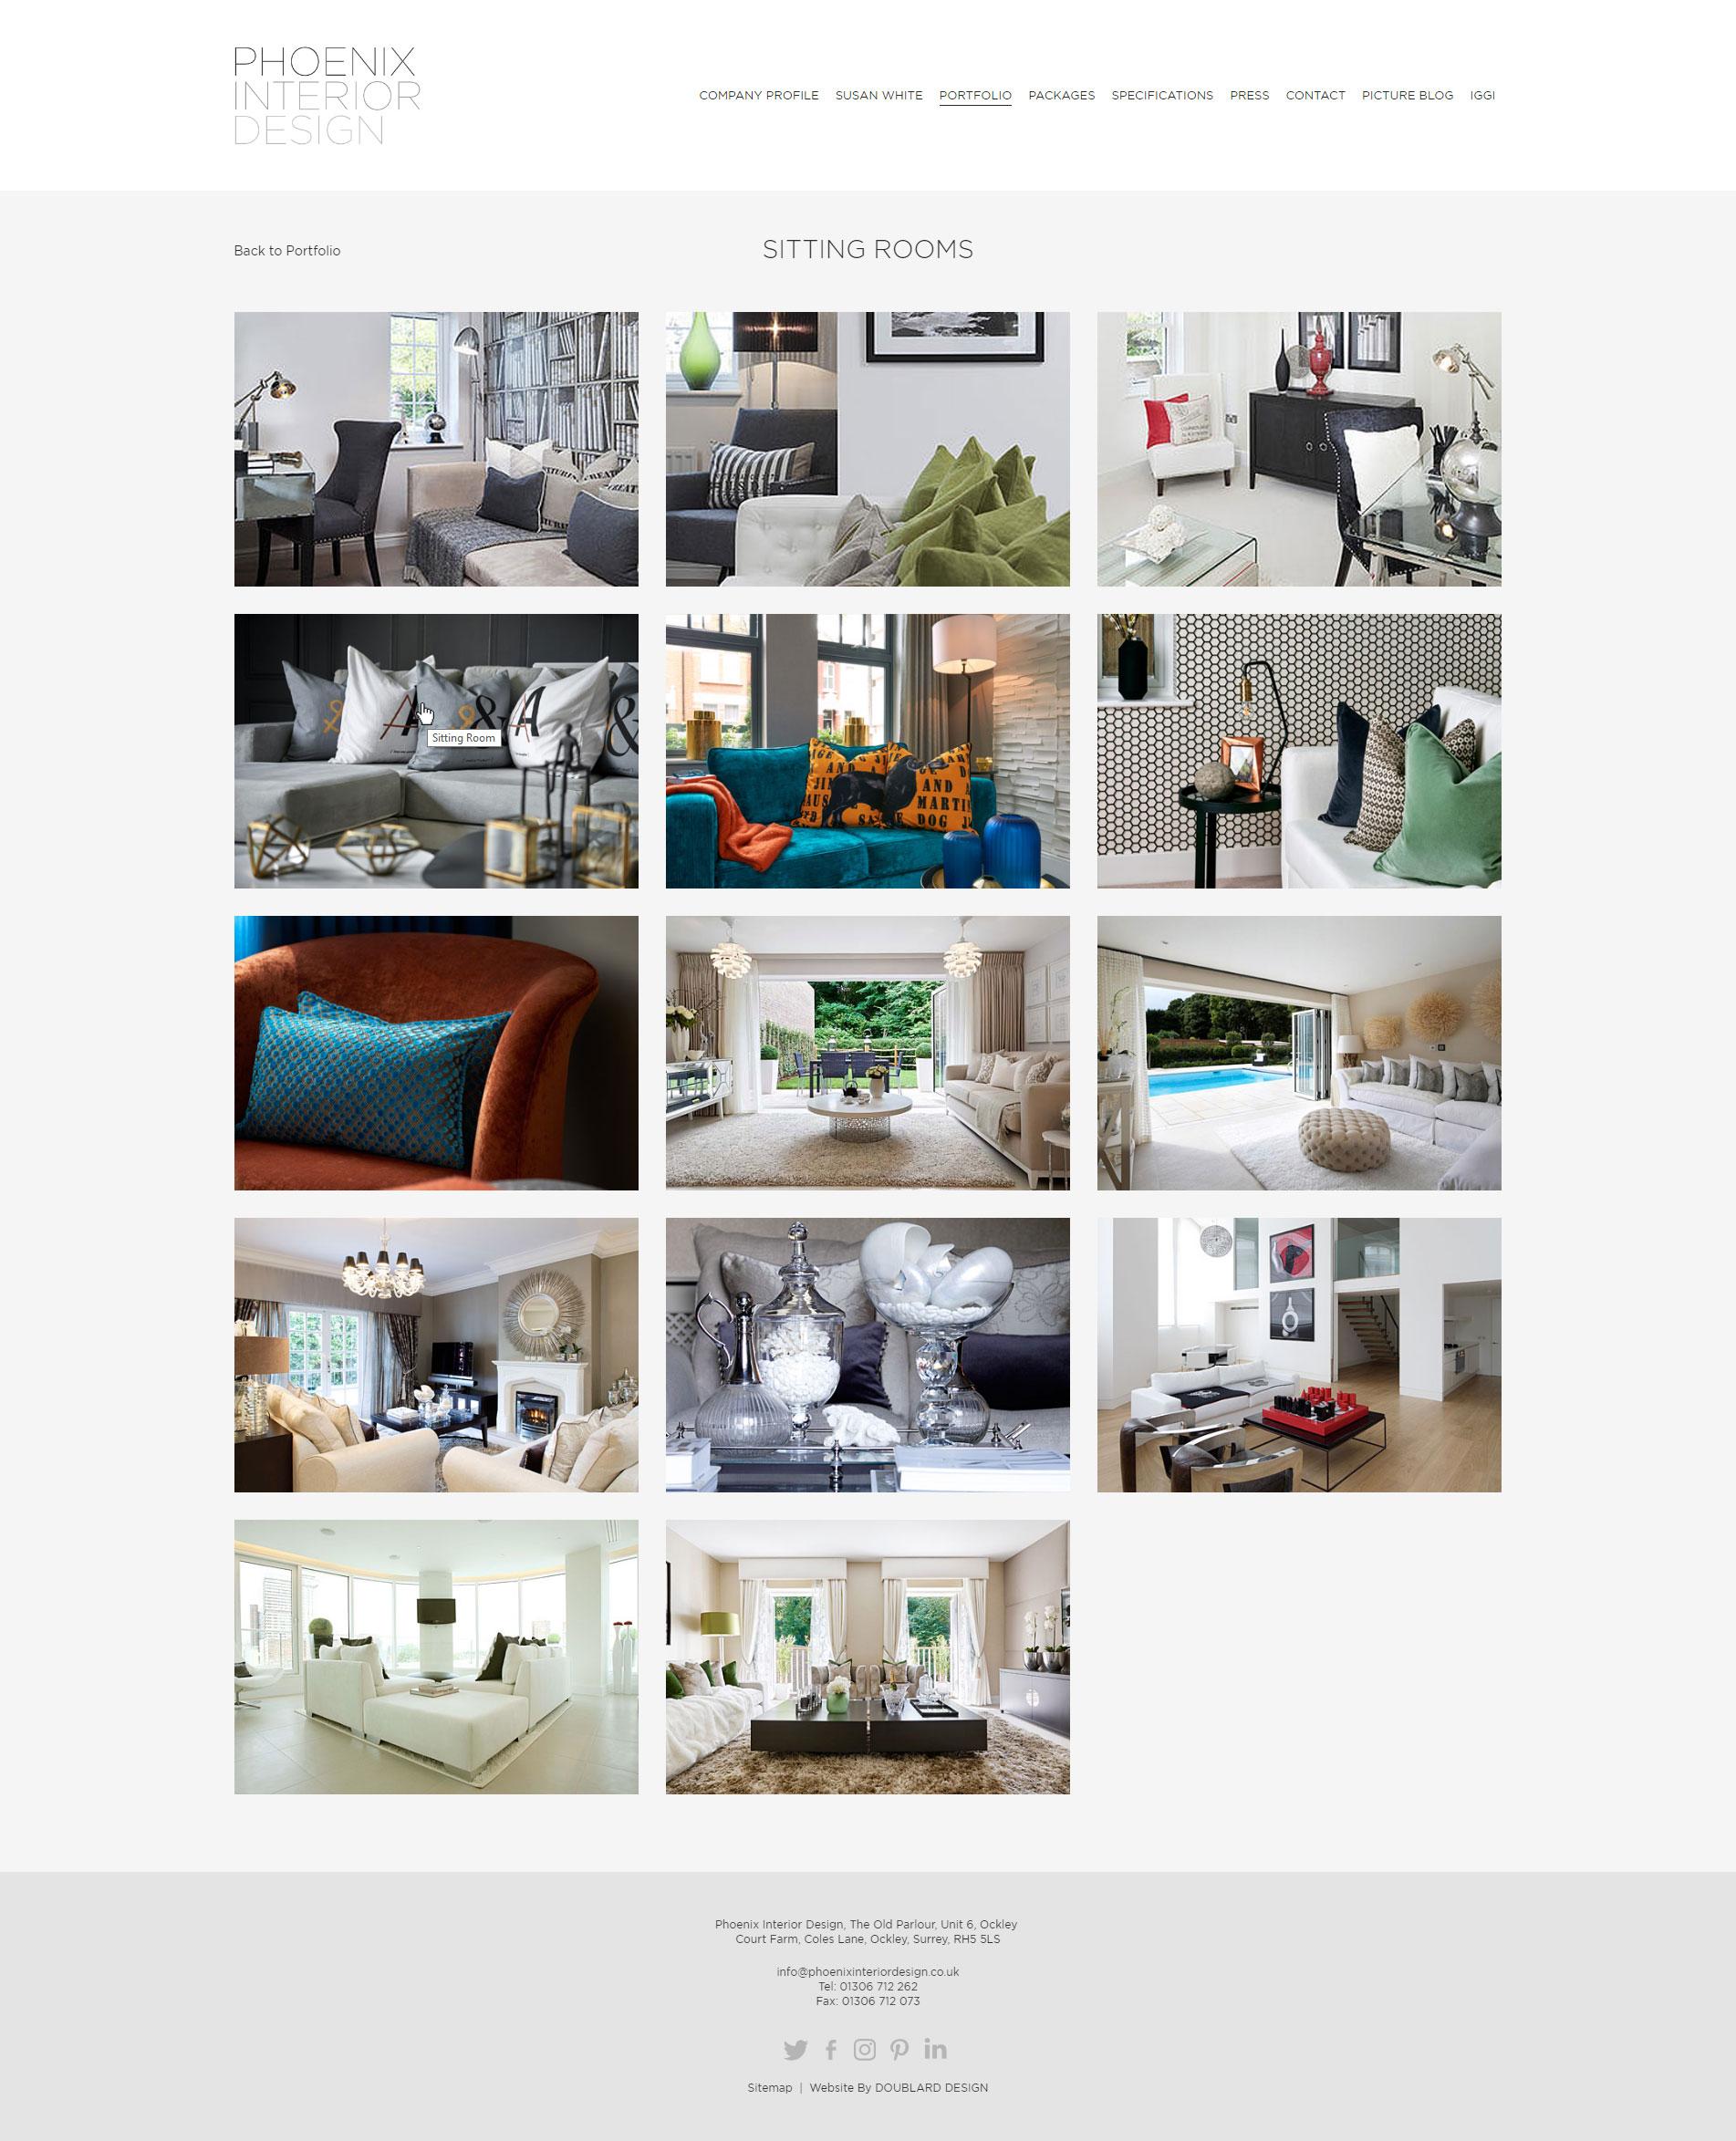 Phoenix Interior Design - Portfolio